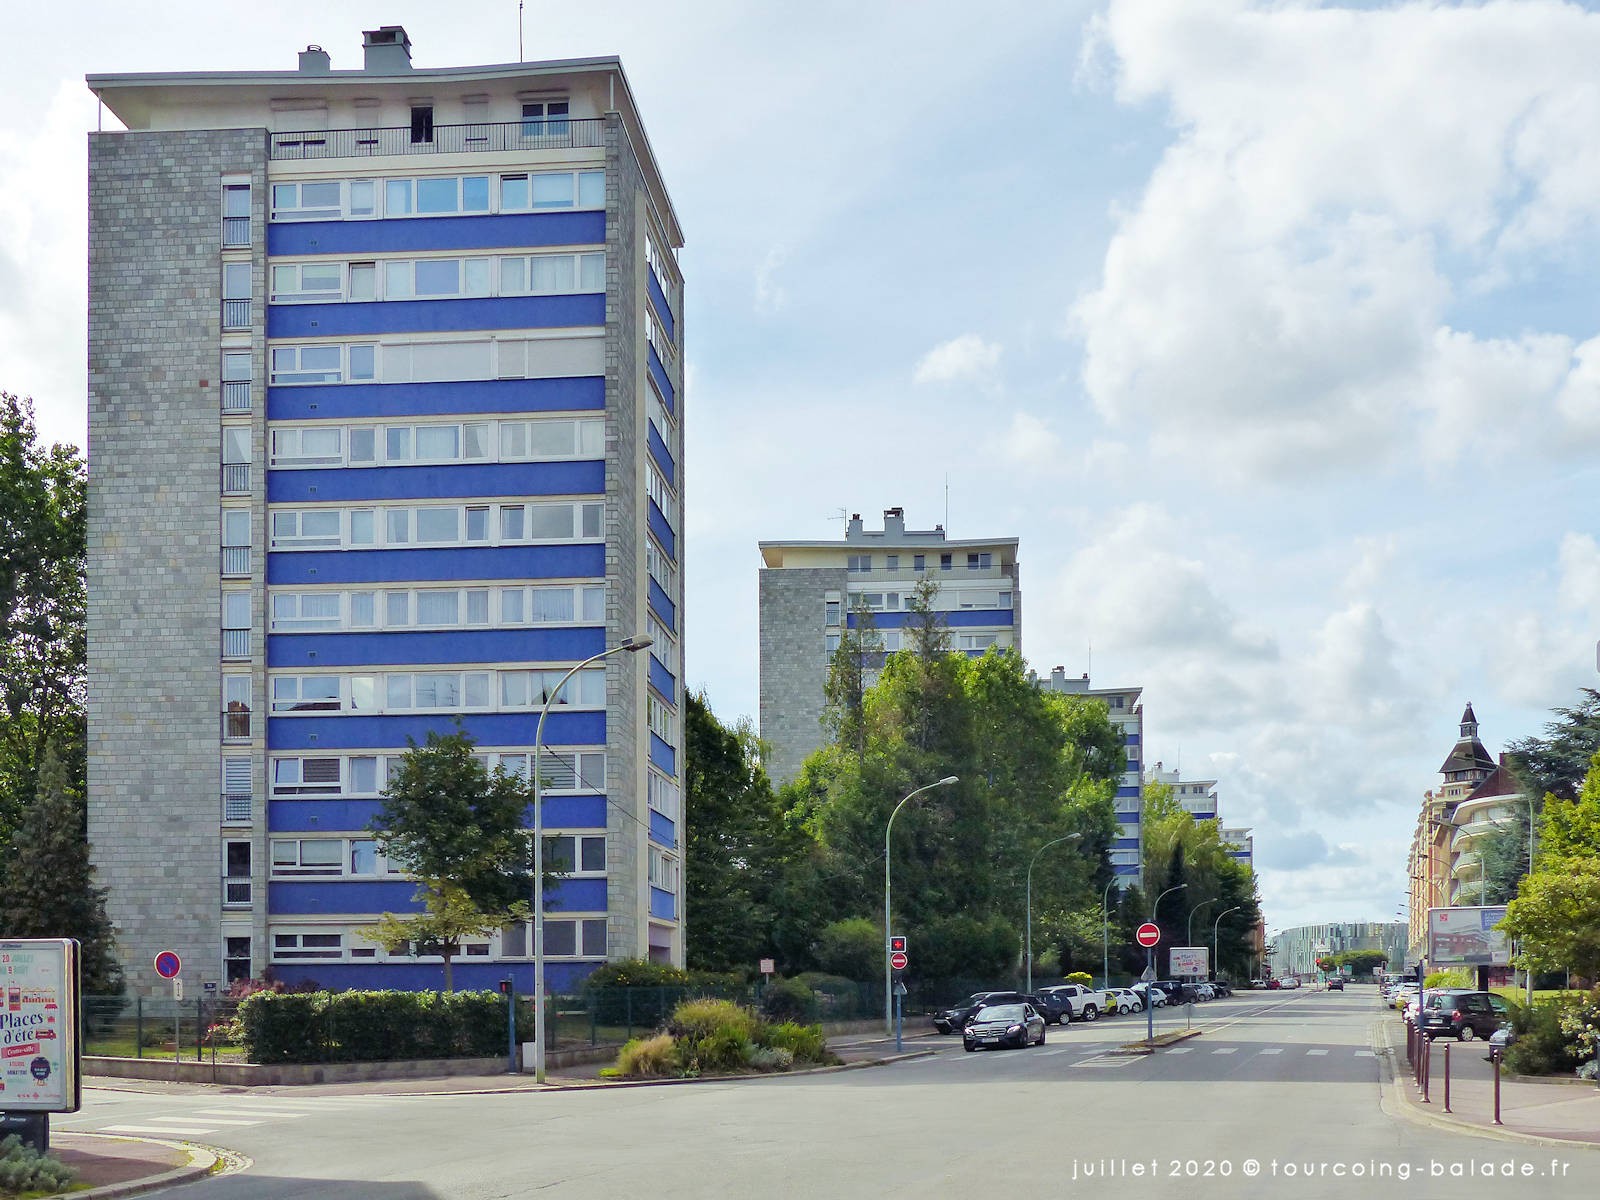 Les 5 tours en enfilade de l'avenue Gustave Dron, Tourcoing 2020